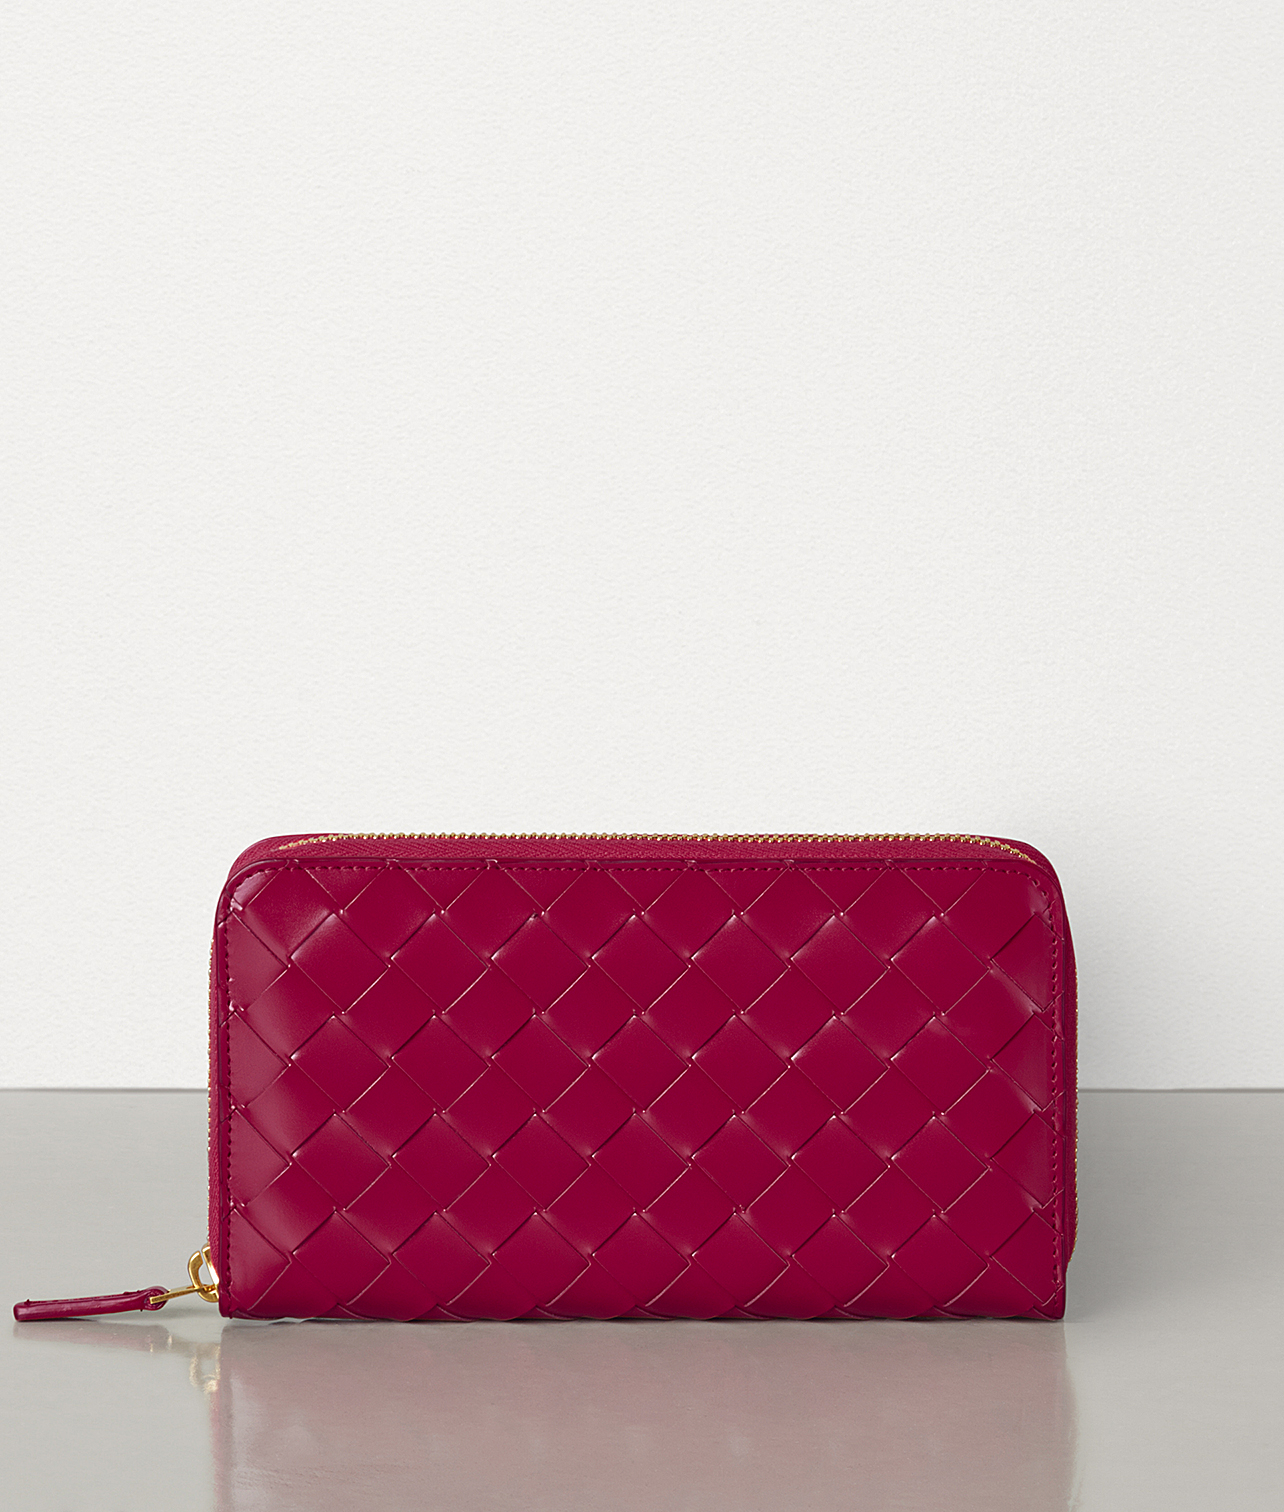 40代女性に人気のボッテガの財布